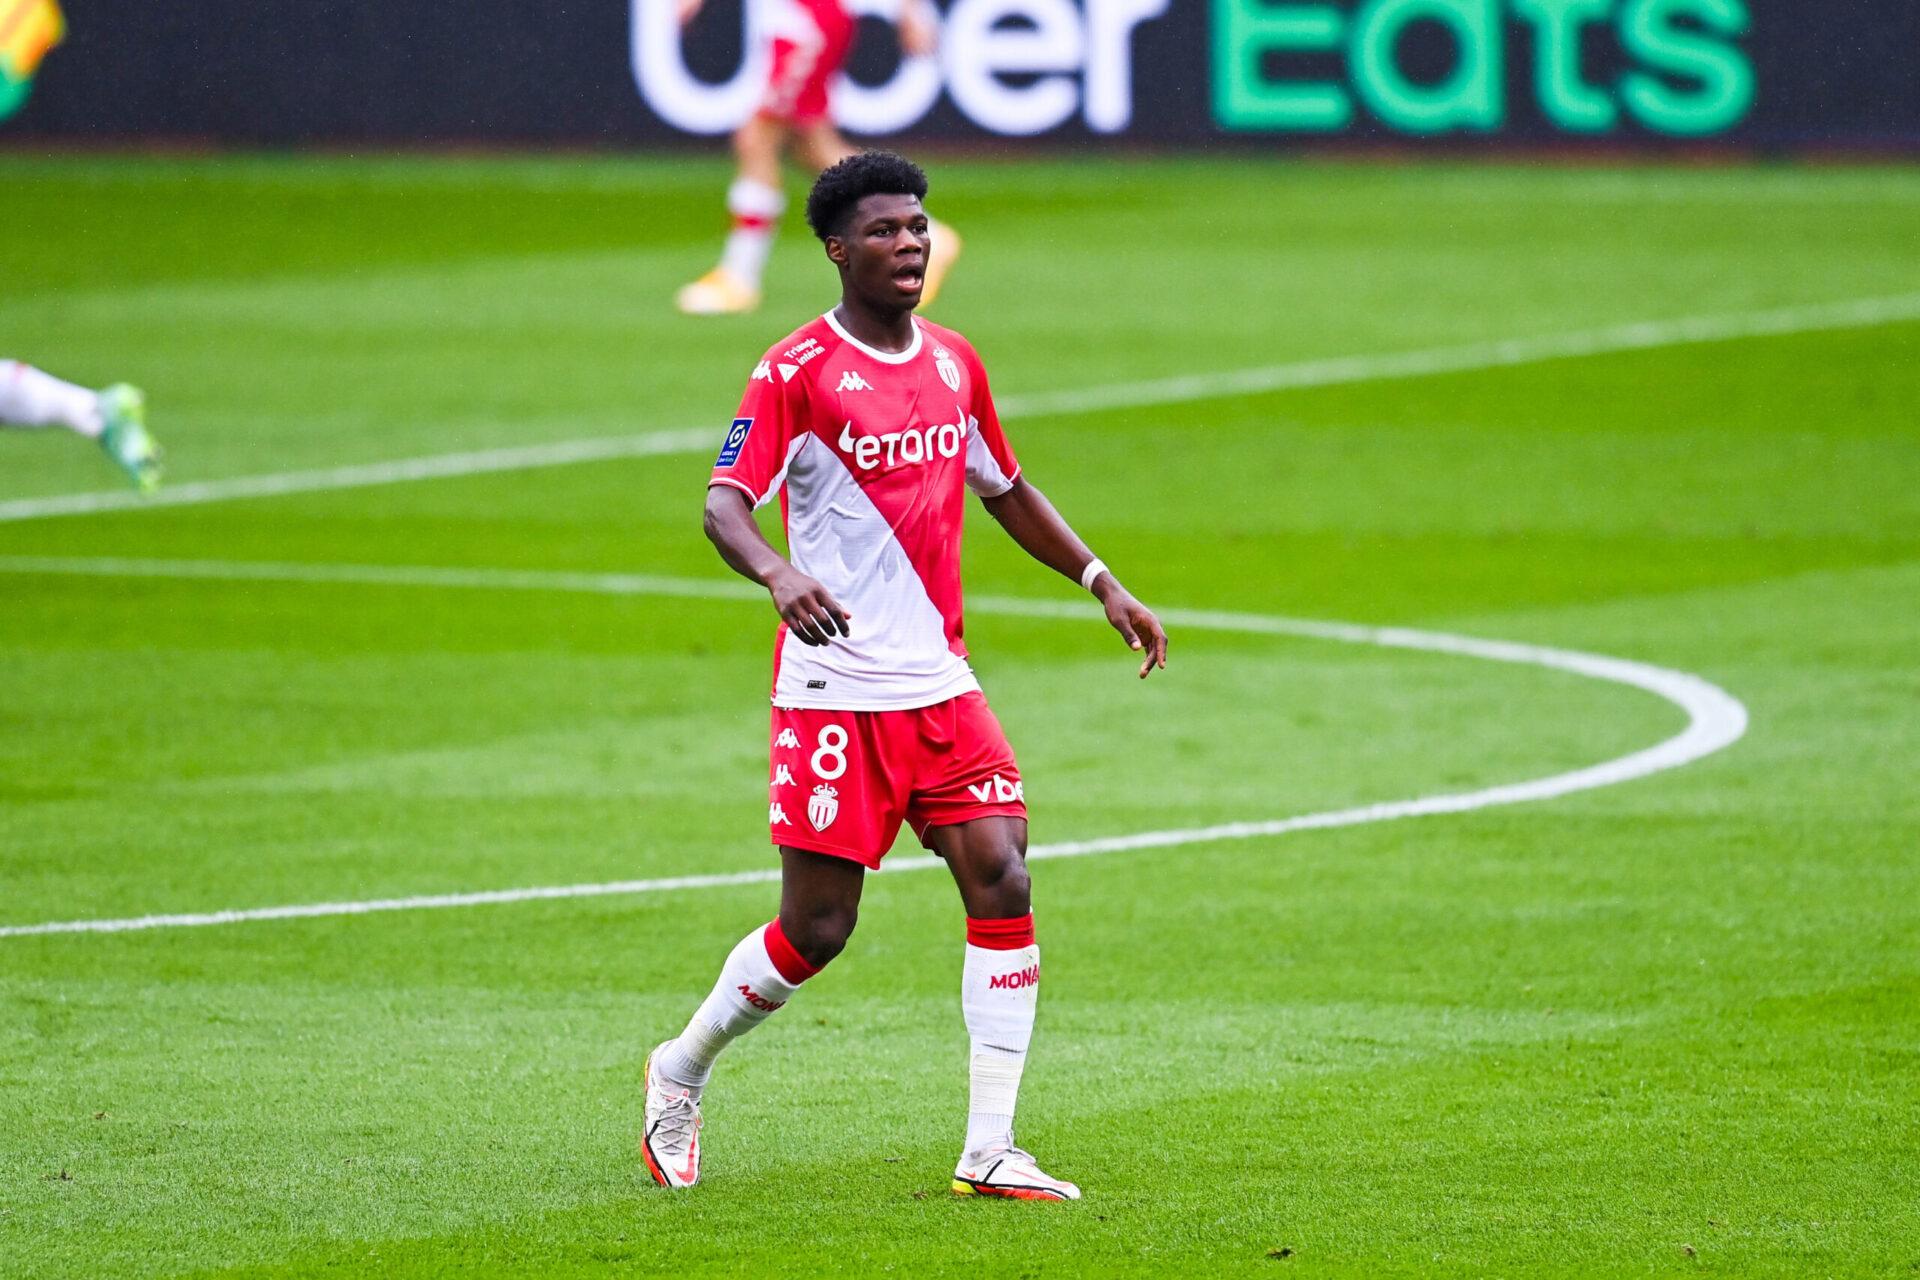 Aurélien Tchouaméni a ouvert son compteur but en Ligue 1 cette saison, face à son ancien club, les Girondins de Bordeaux. Icon Sport